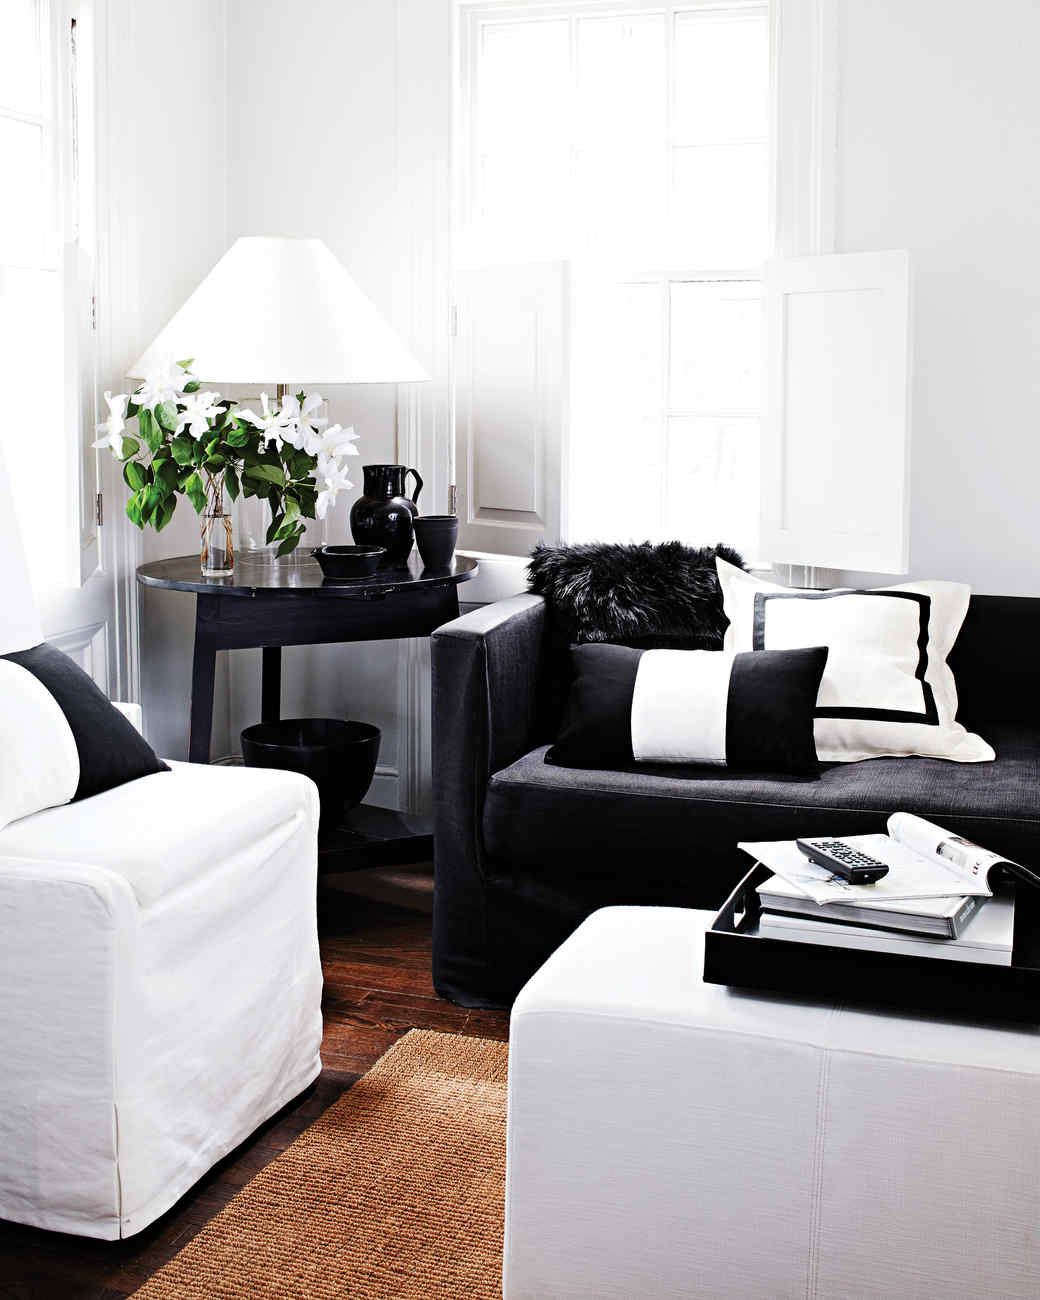 black-white-living-room-2-9384-d113008.jpg